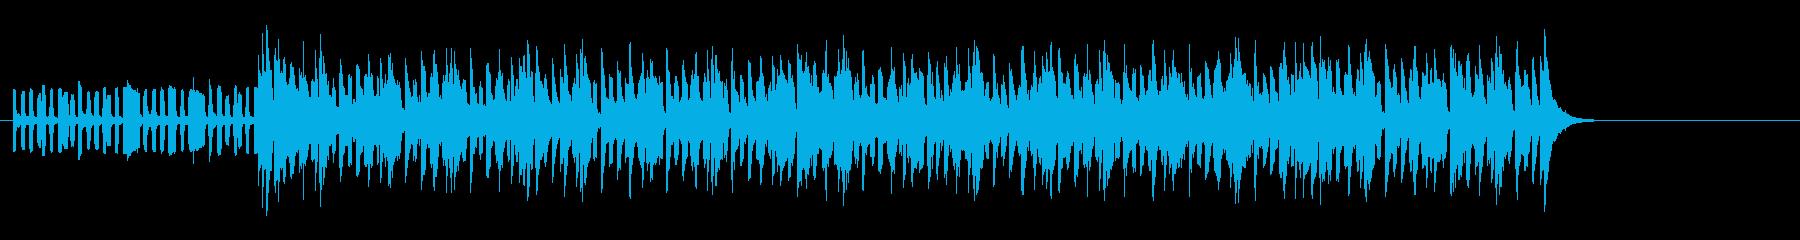 ブルーヴ感漂うテクノ・ミュージックの再生済みの波形